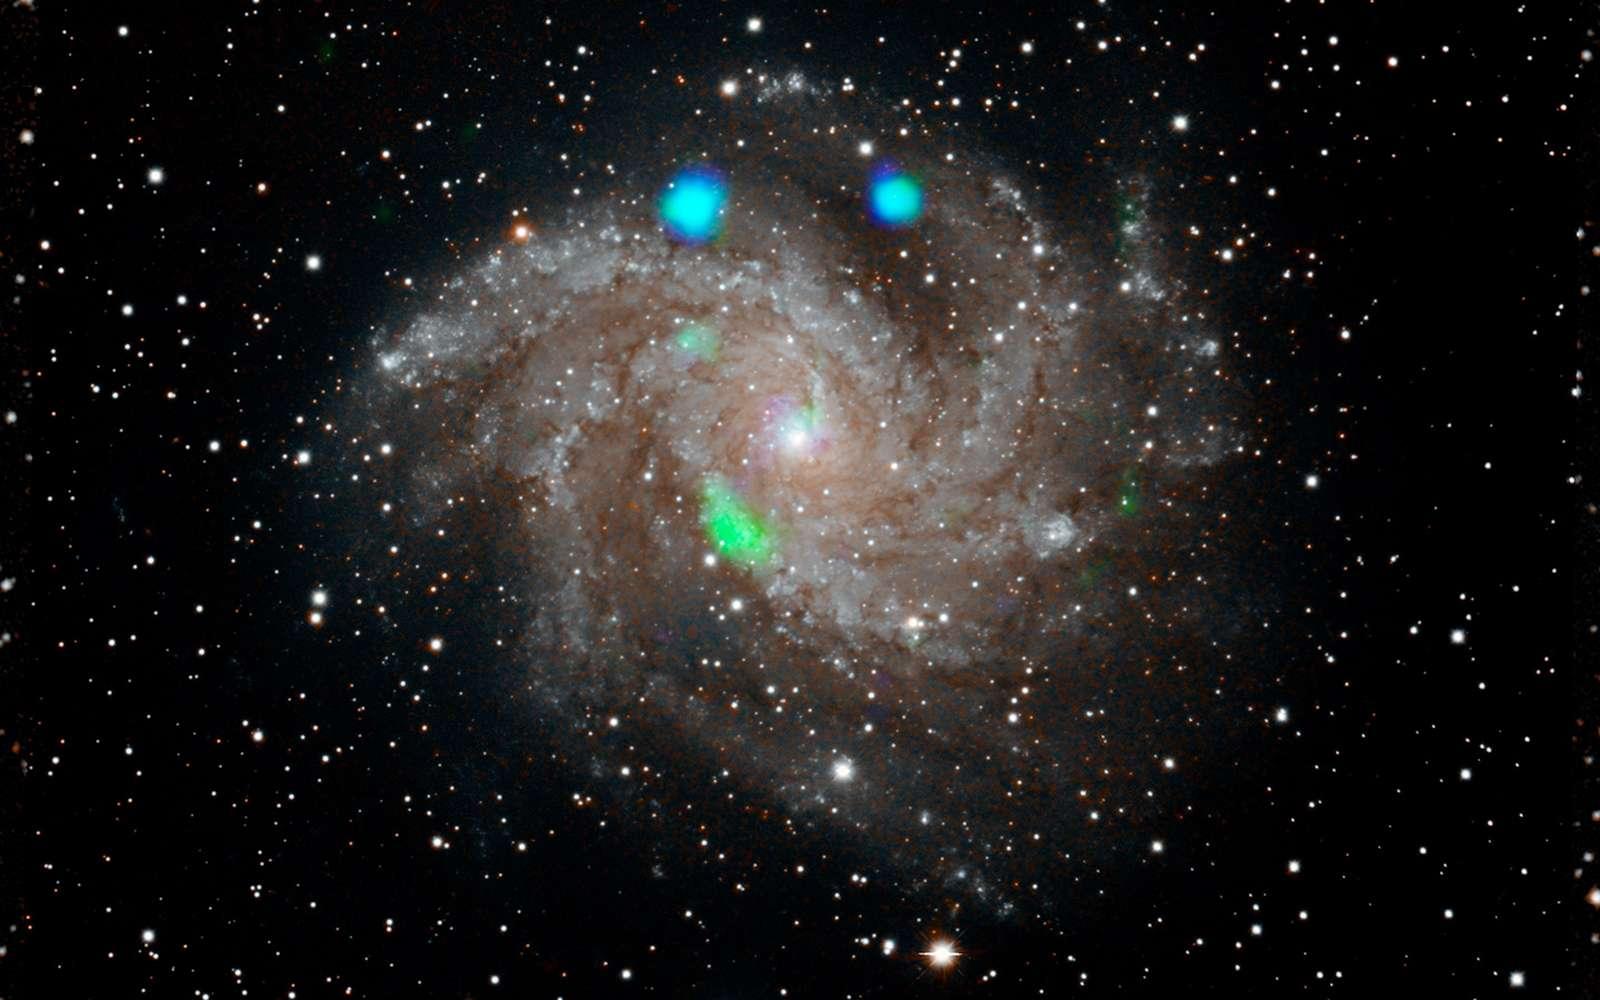 Cette image en lumière visible de la galaxie Fireworks (NGC 6946) provient du Digital Sky Survey et est superposée aux données de l'observatoire Nustar de la Nasa en fausses couleurs (en bleu et vert). ULX4 est visible en vert. © Nasa, JPL-Caltech